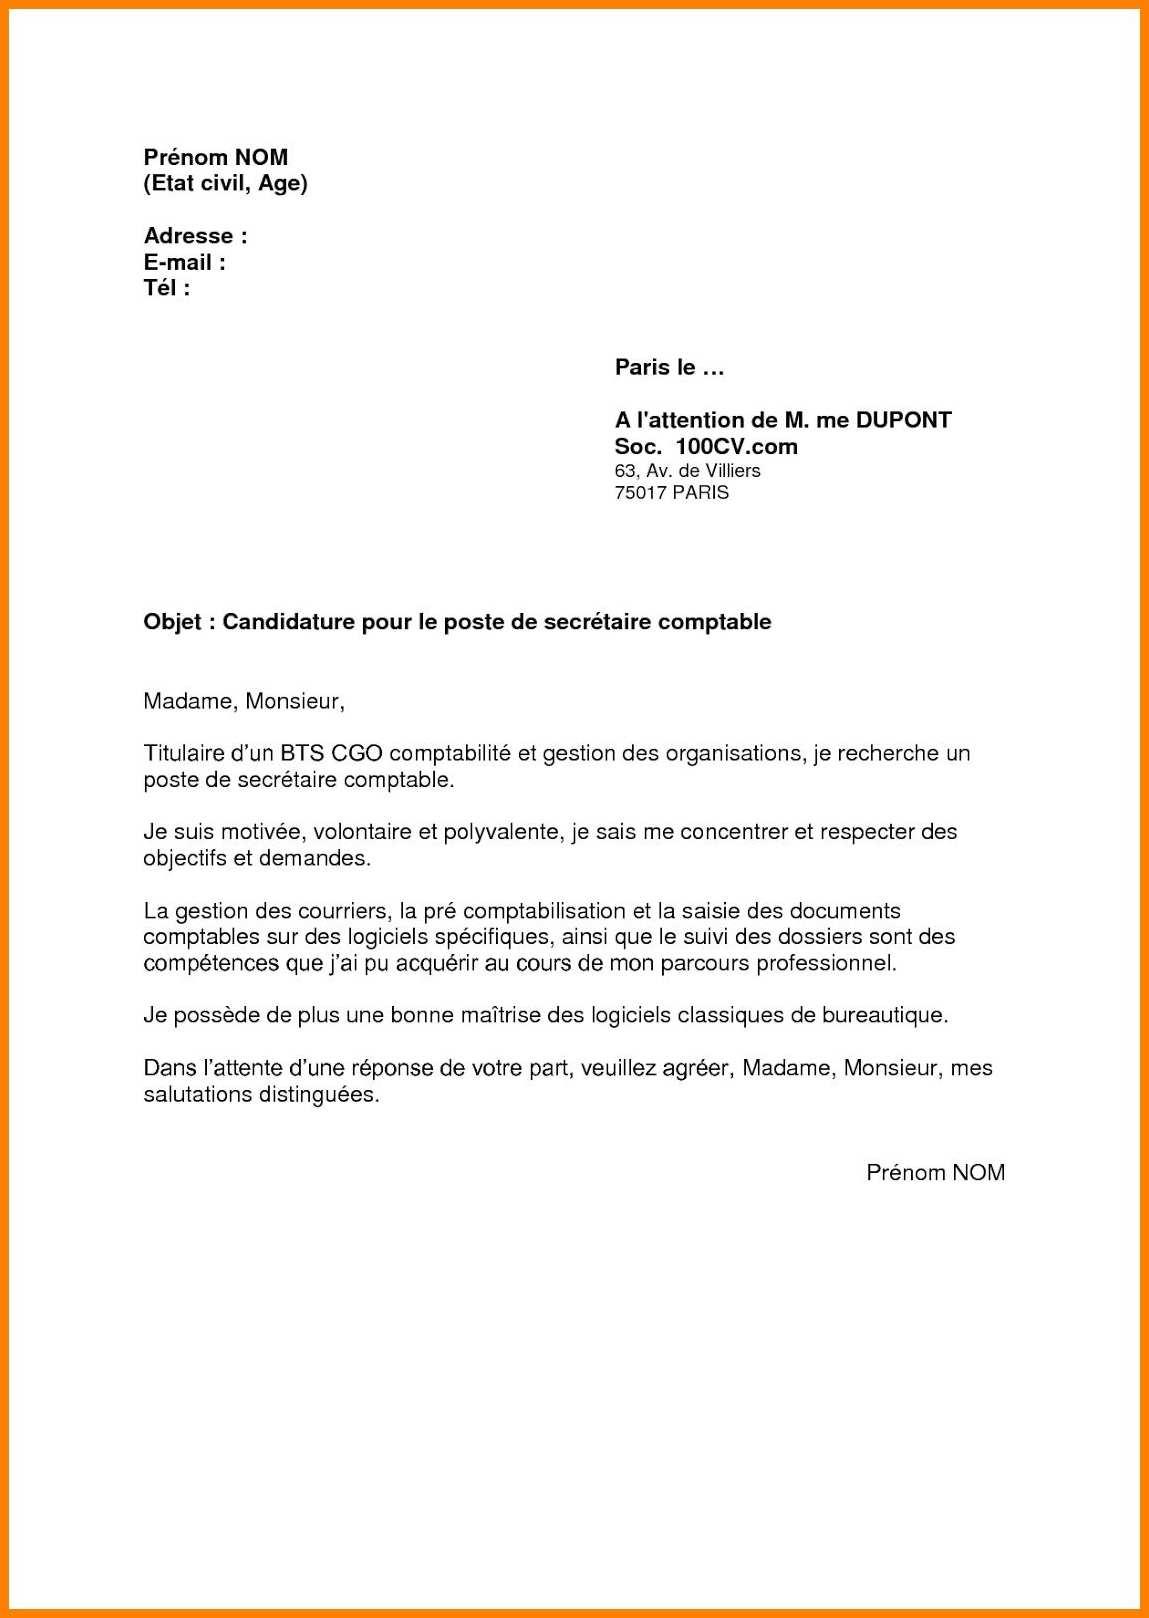 Lettre de motivation vendeur sans expérience - laboite-cv.fr